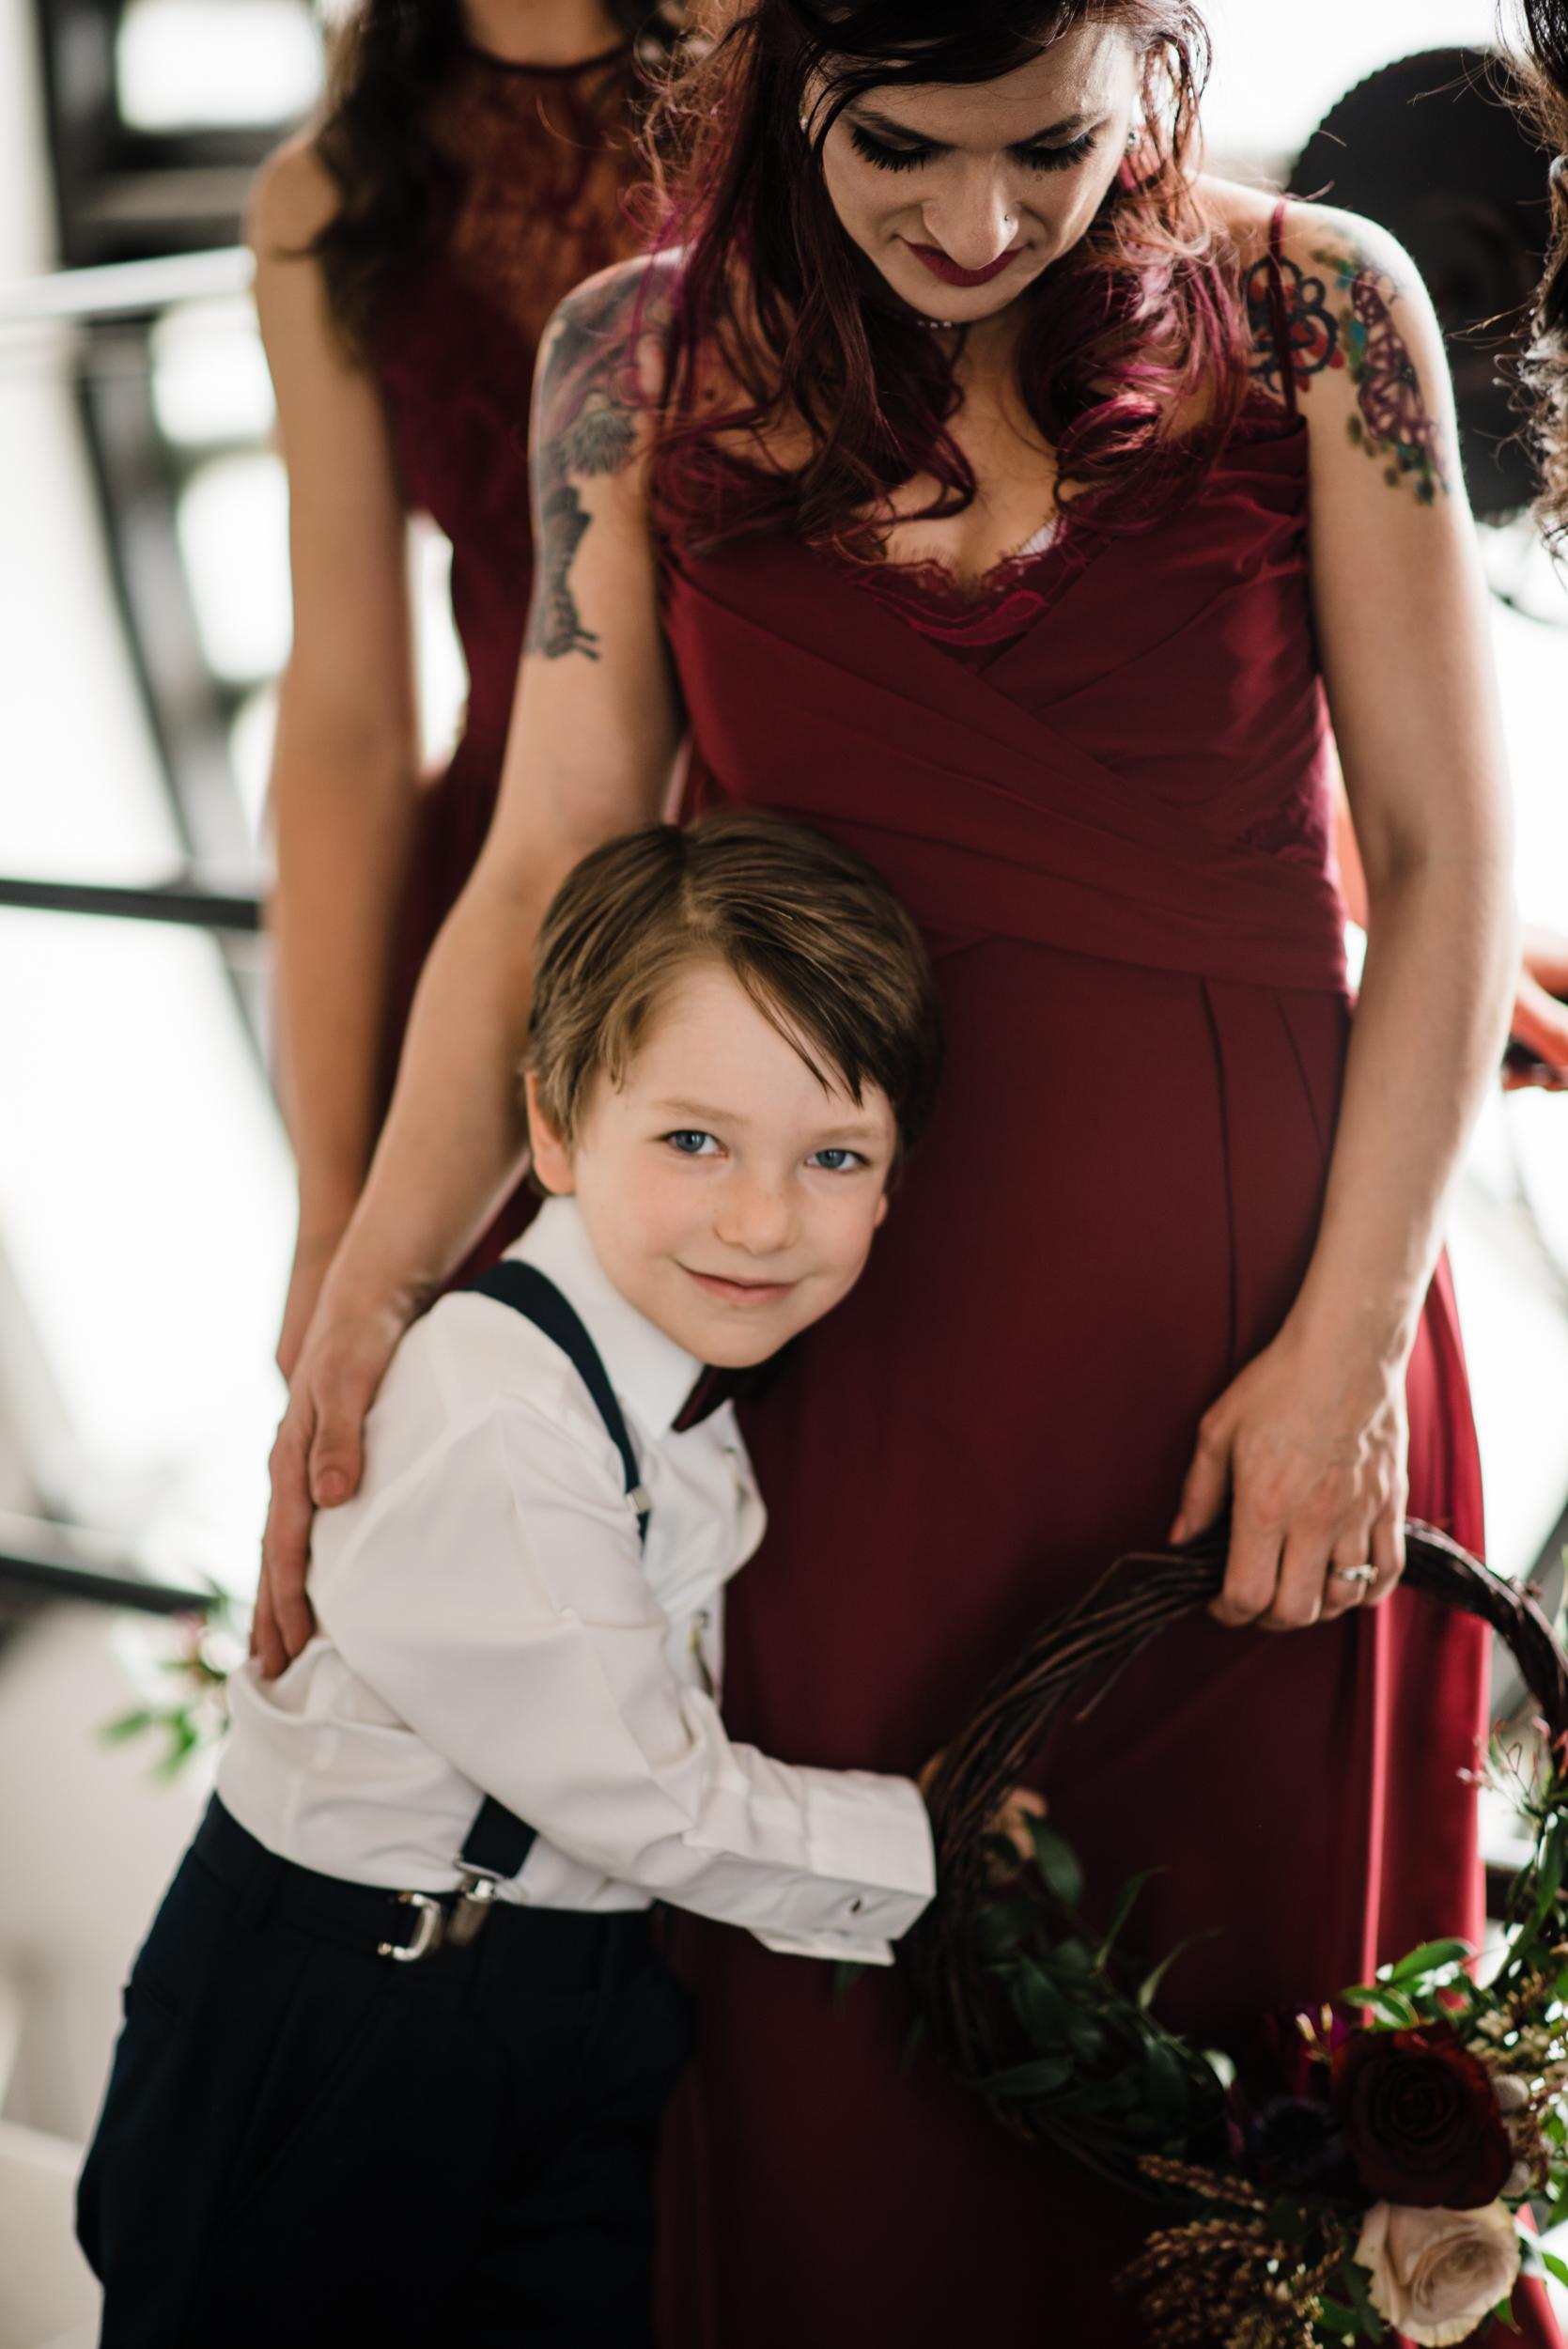 Denver-Clock-Tower-Elopement-Wedding-15.jpg